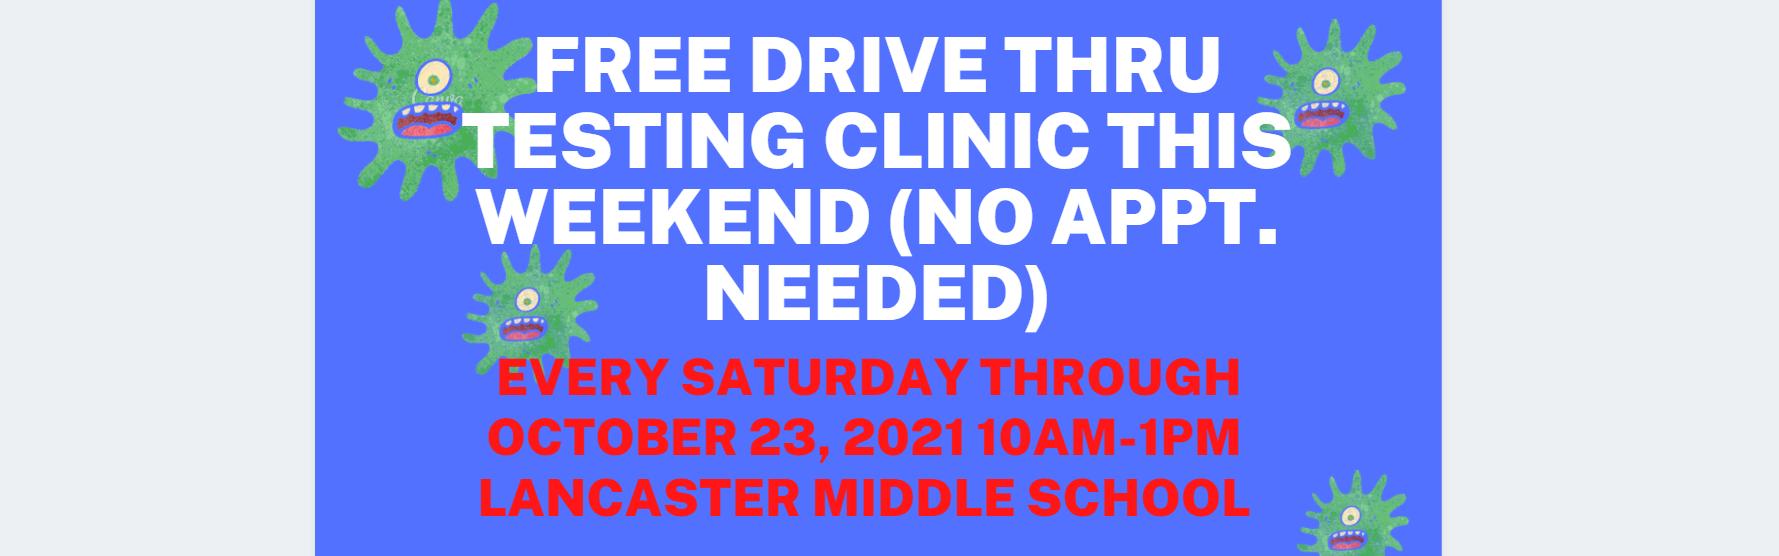 Drive Thru Testing Clinic